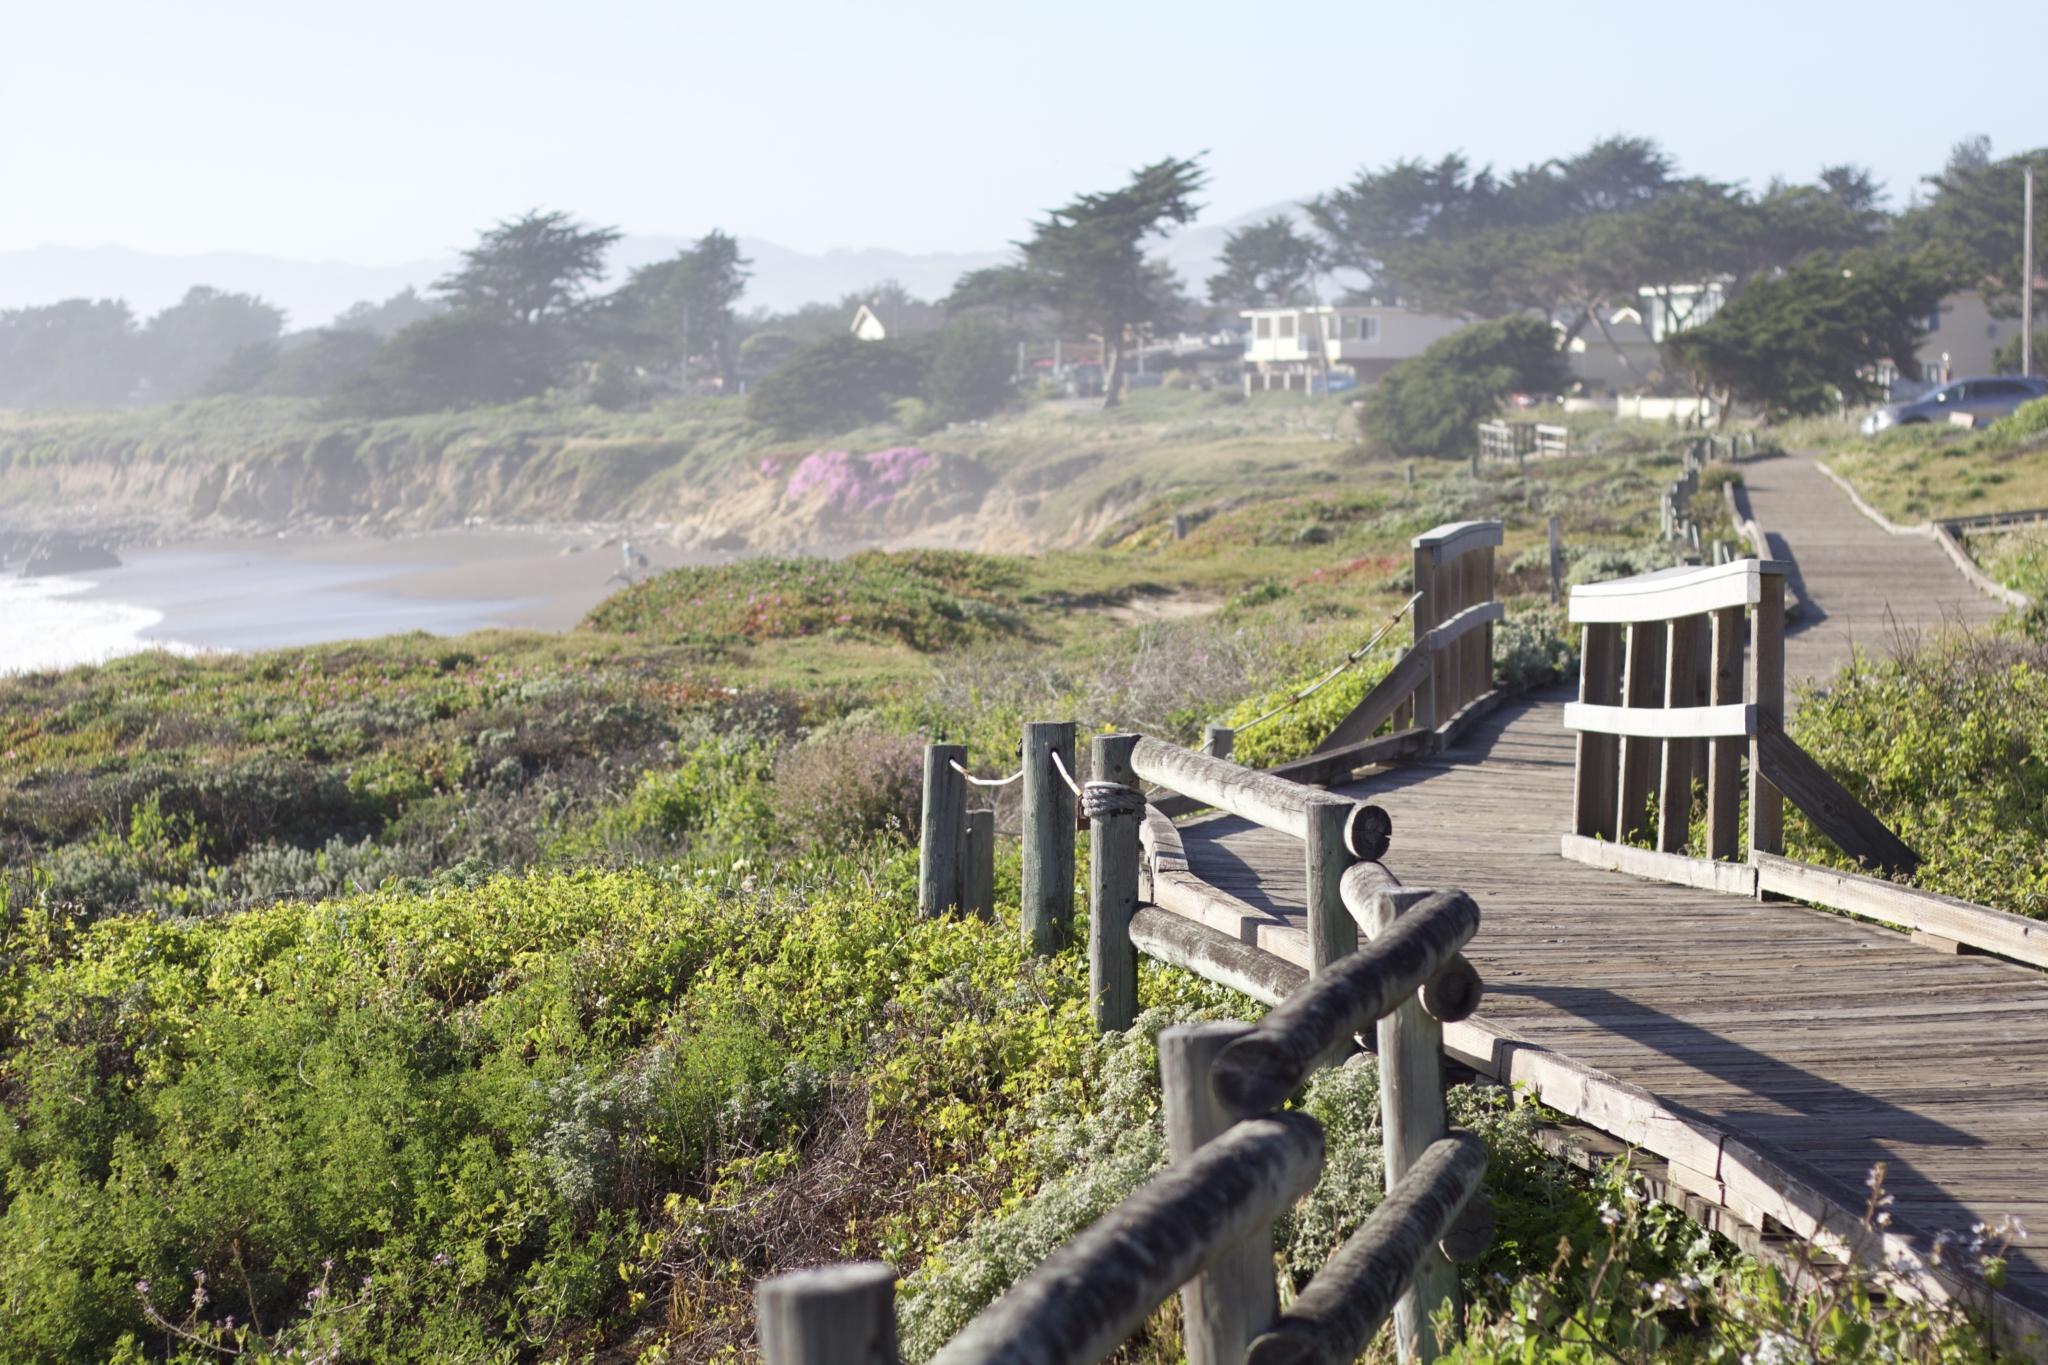 """Titelbild zum Beitrag: """"travel thoughts: Wenn du bereits am ersten Tag angekommen bist"""" mit Reisetipps Highways Nummer 1 und 101 entlang der kalifornischen Küste"""